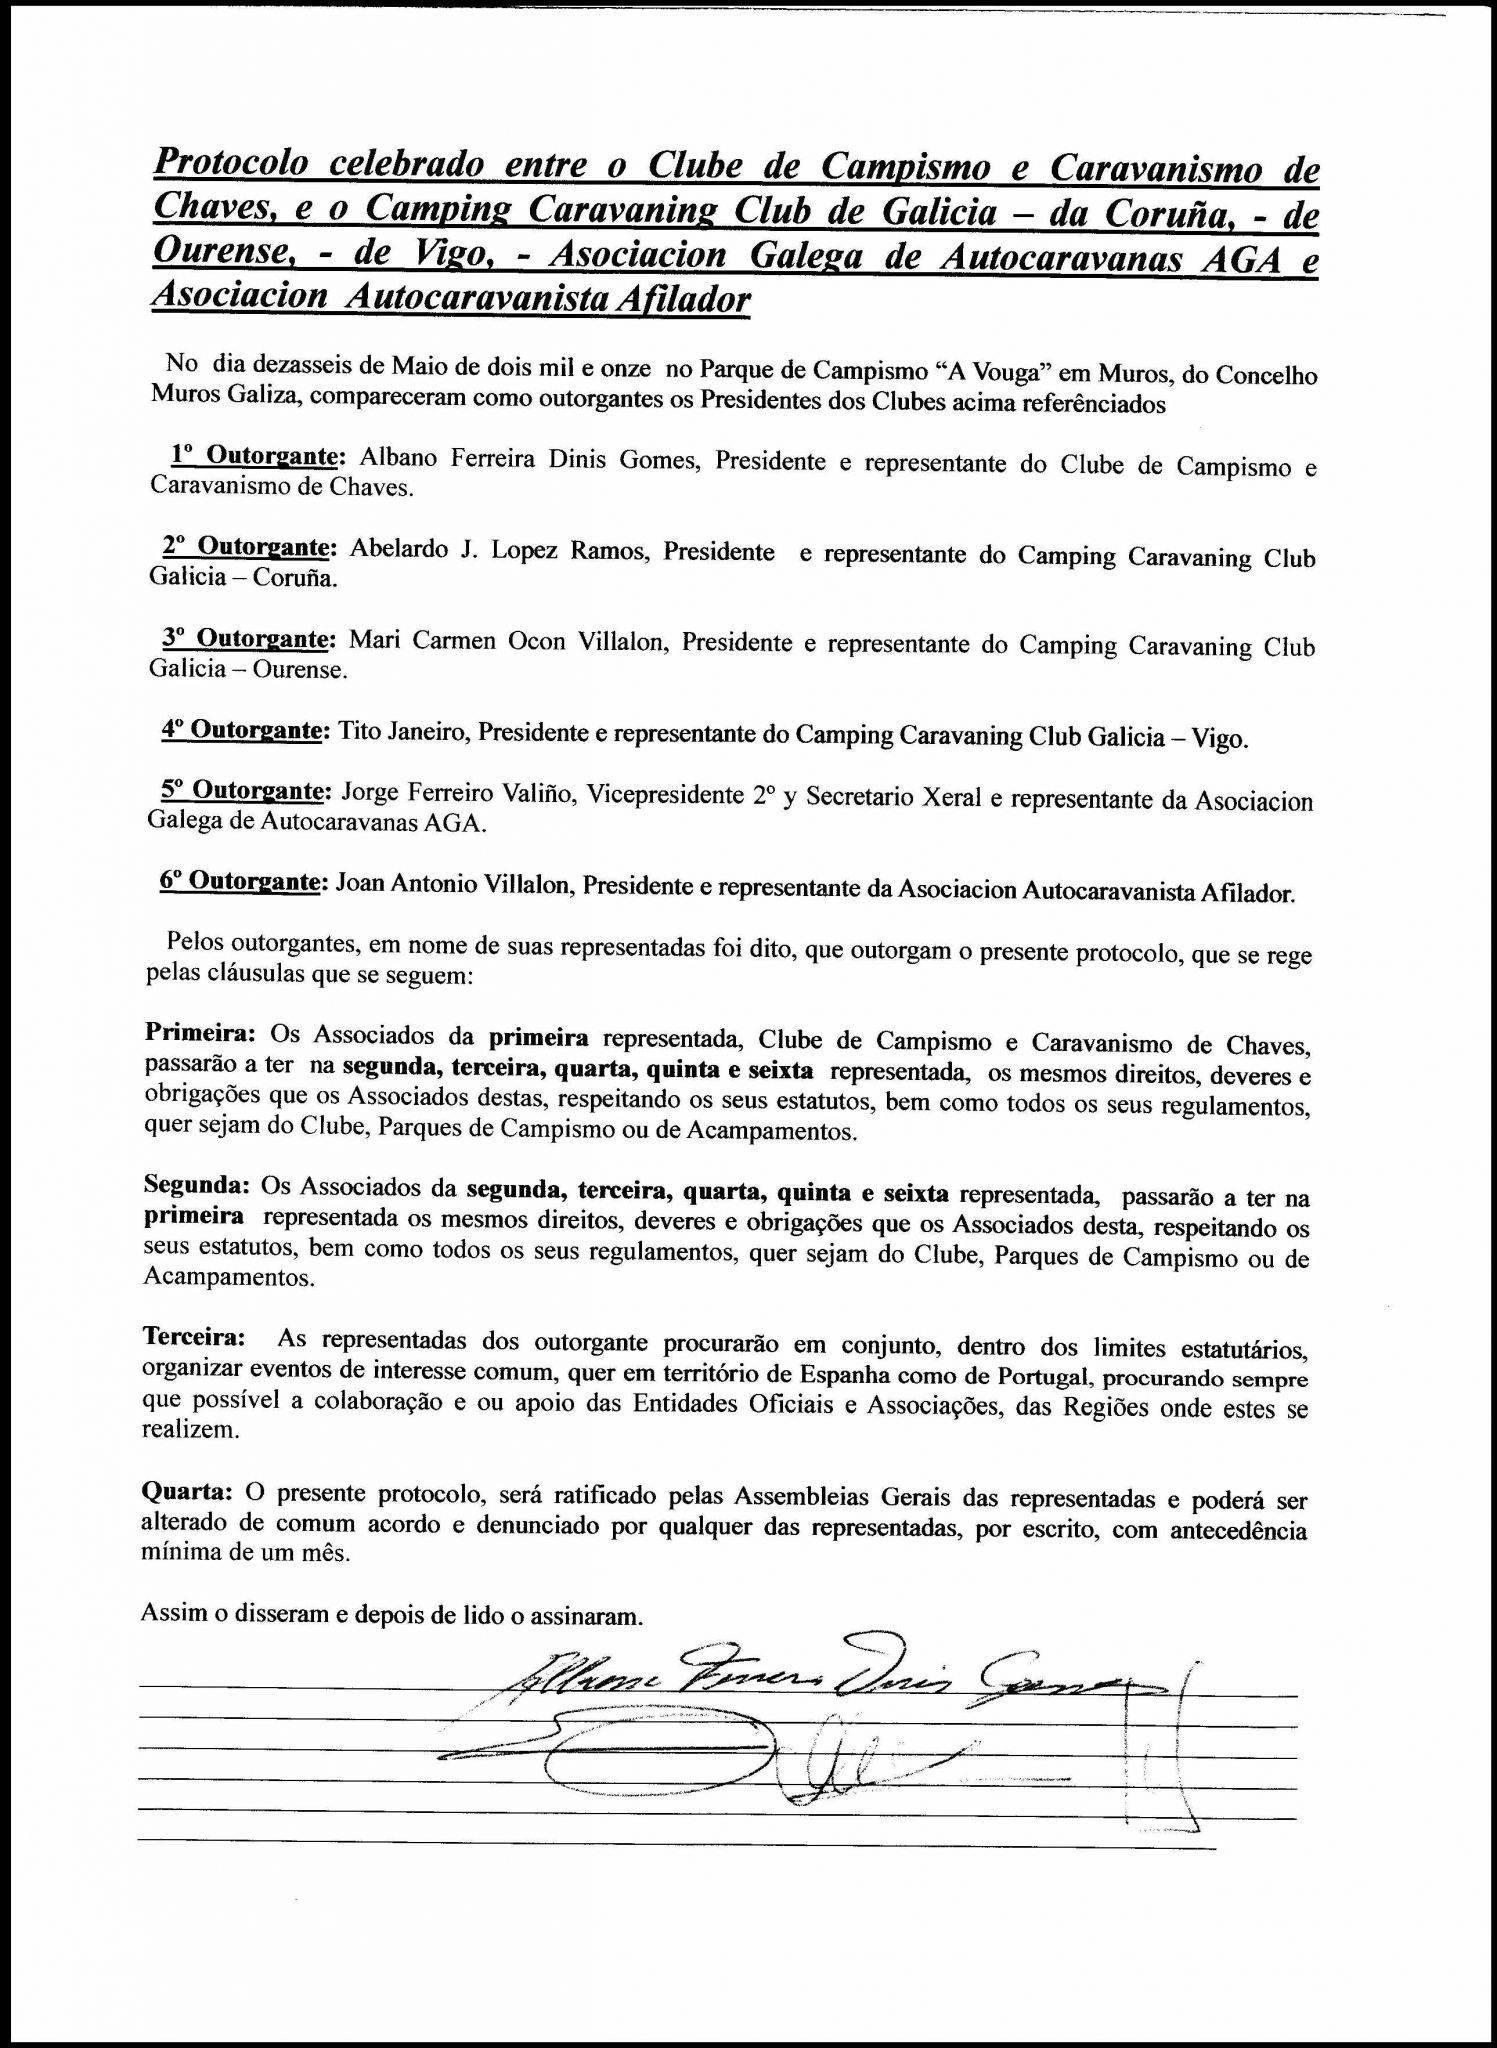 protocolo-entre-os-clubeschavesa-coruaourensevigo-aga-y-afilador16052011